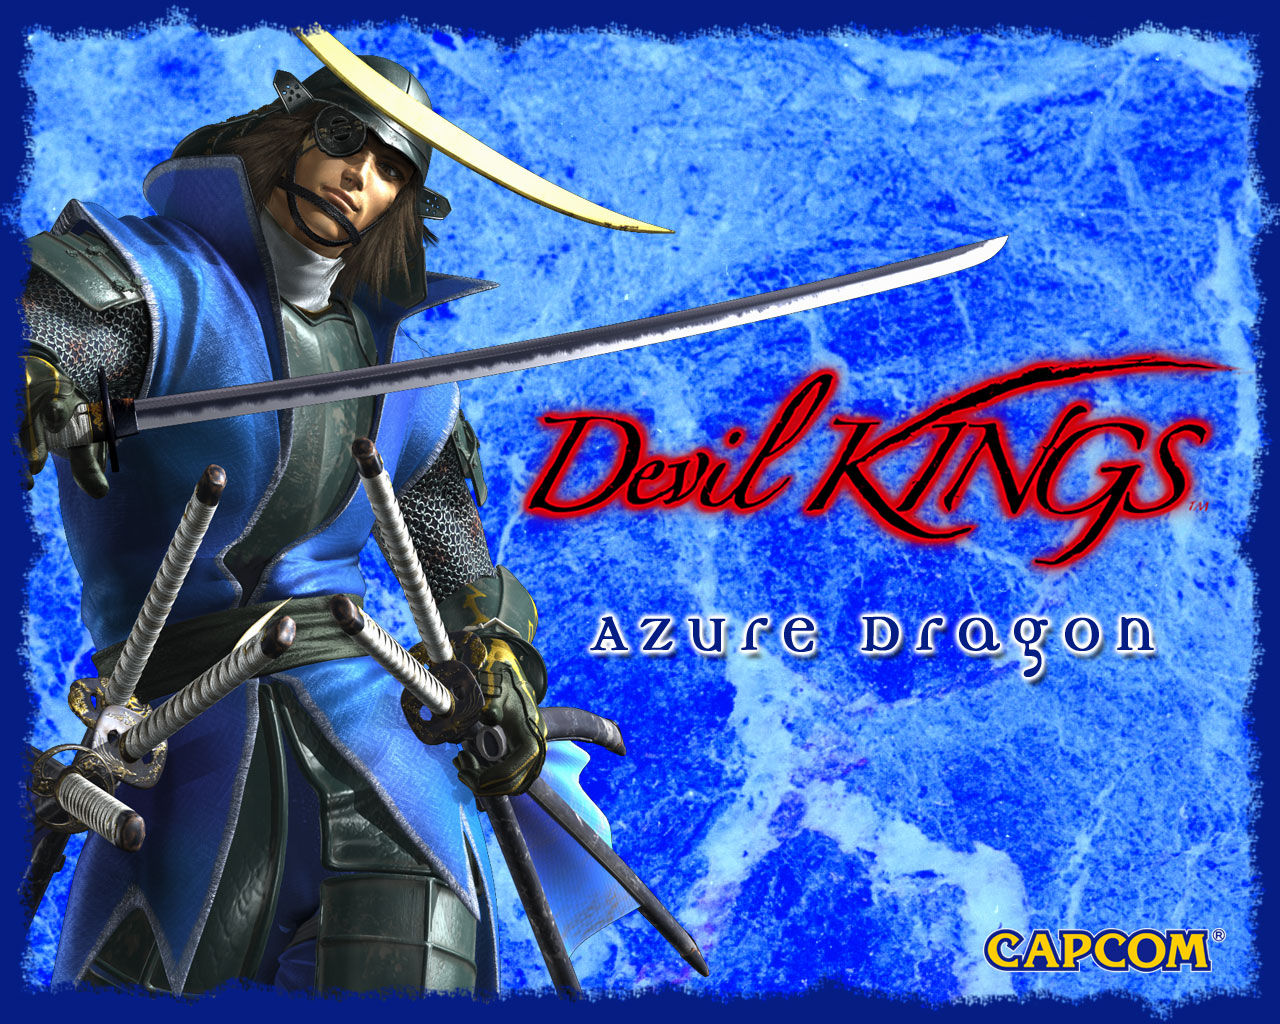 Devil Kings Azure Dragon - HD Wallpaper